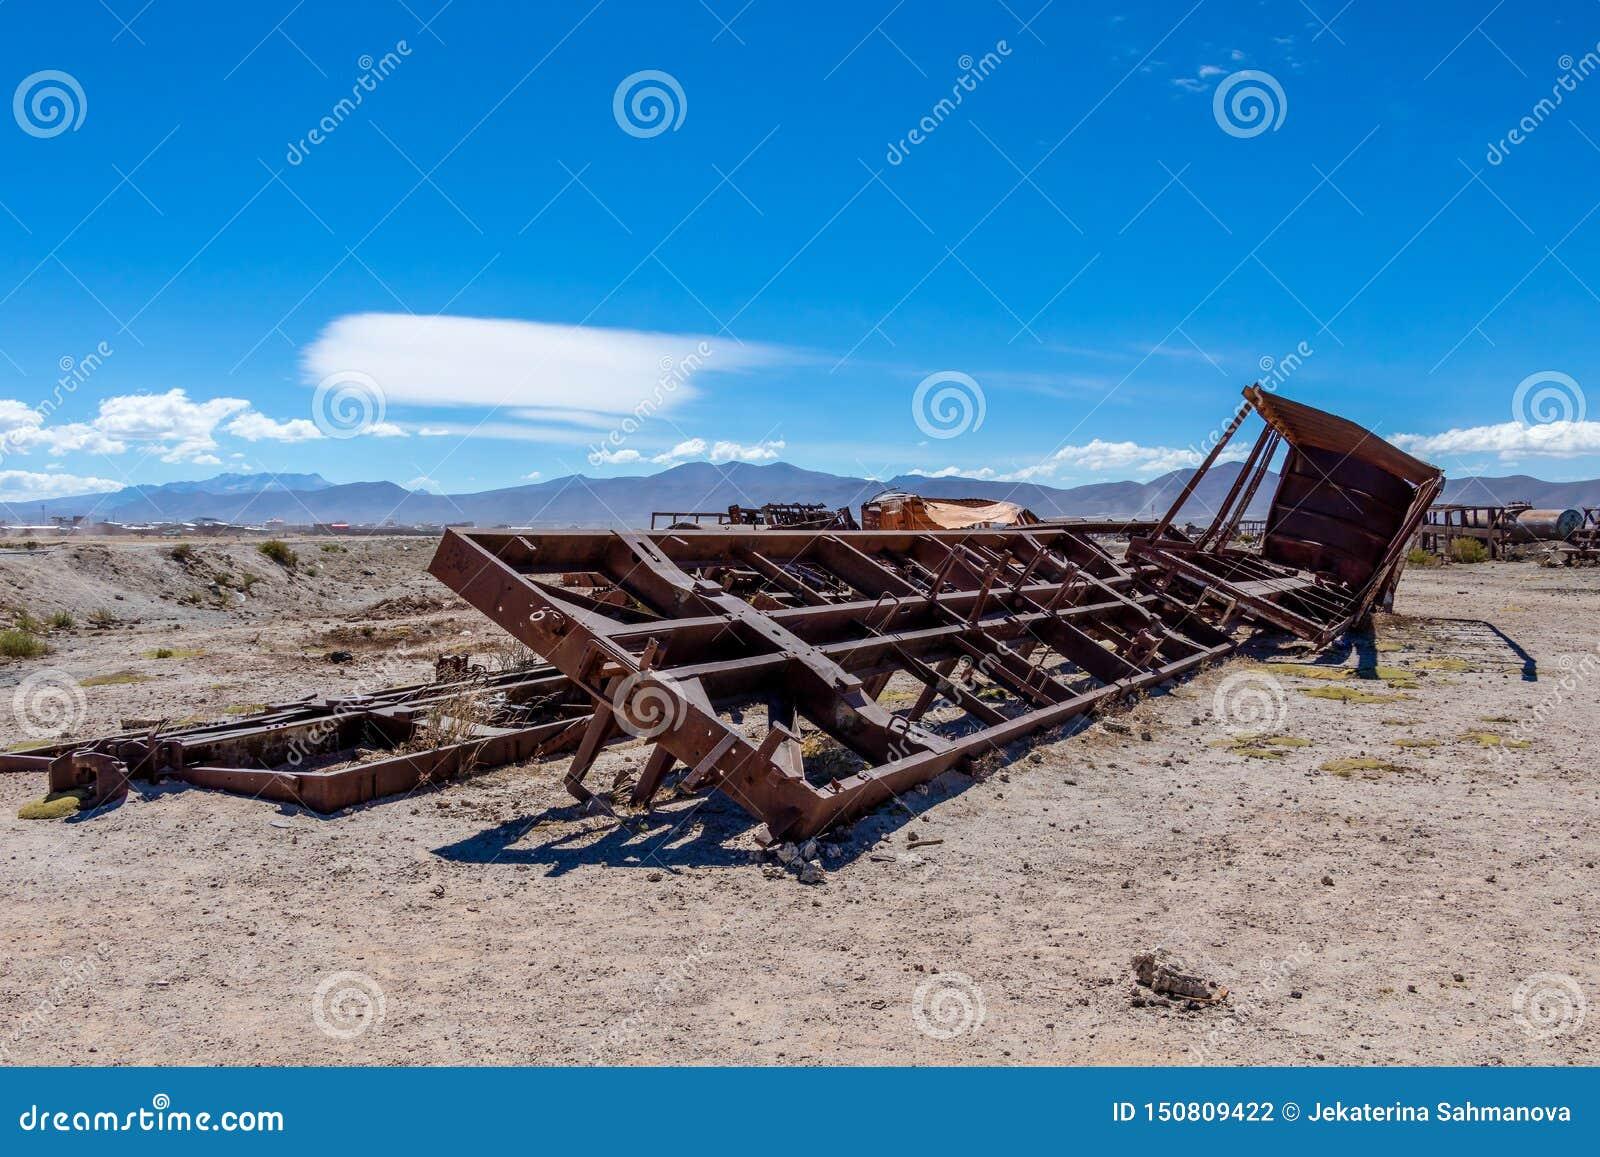 Μεγάλο νεκροταφείο ατμομηχανών νεκροταφείων ή ατμού τραίνων σε Uyuni, Βολιβία